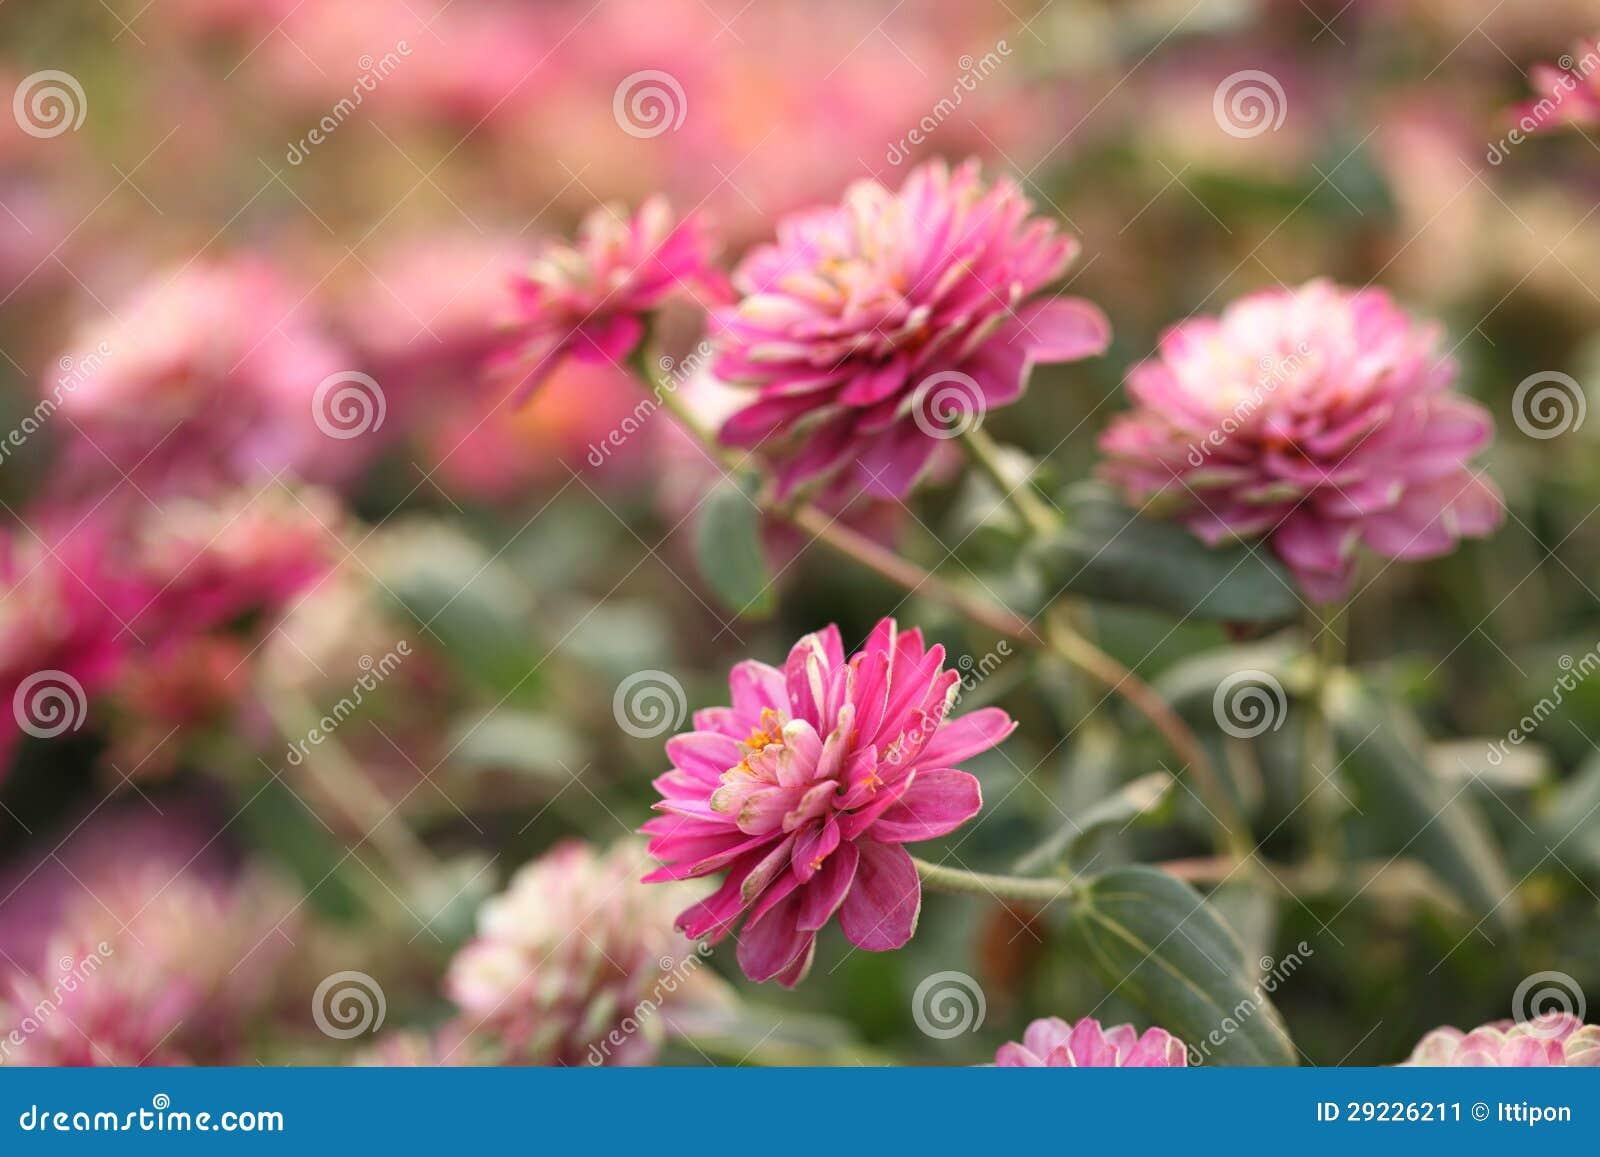 Download Flor do Zinnia imagem de stock. Imagem de vívido, de - 29226211